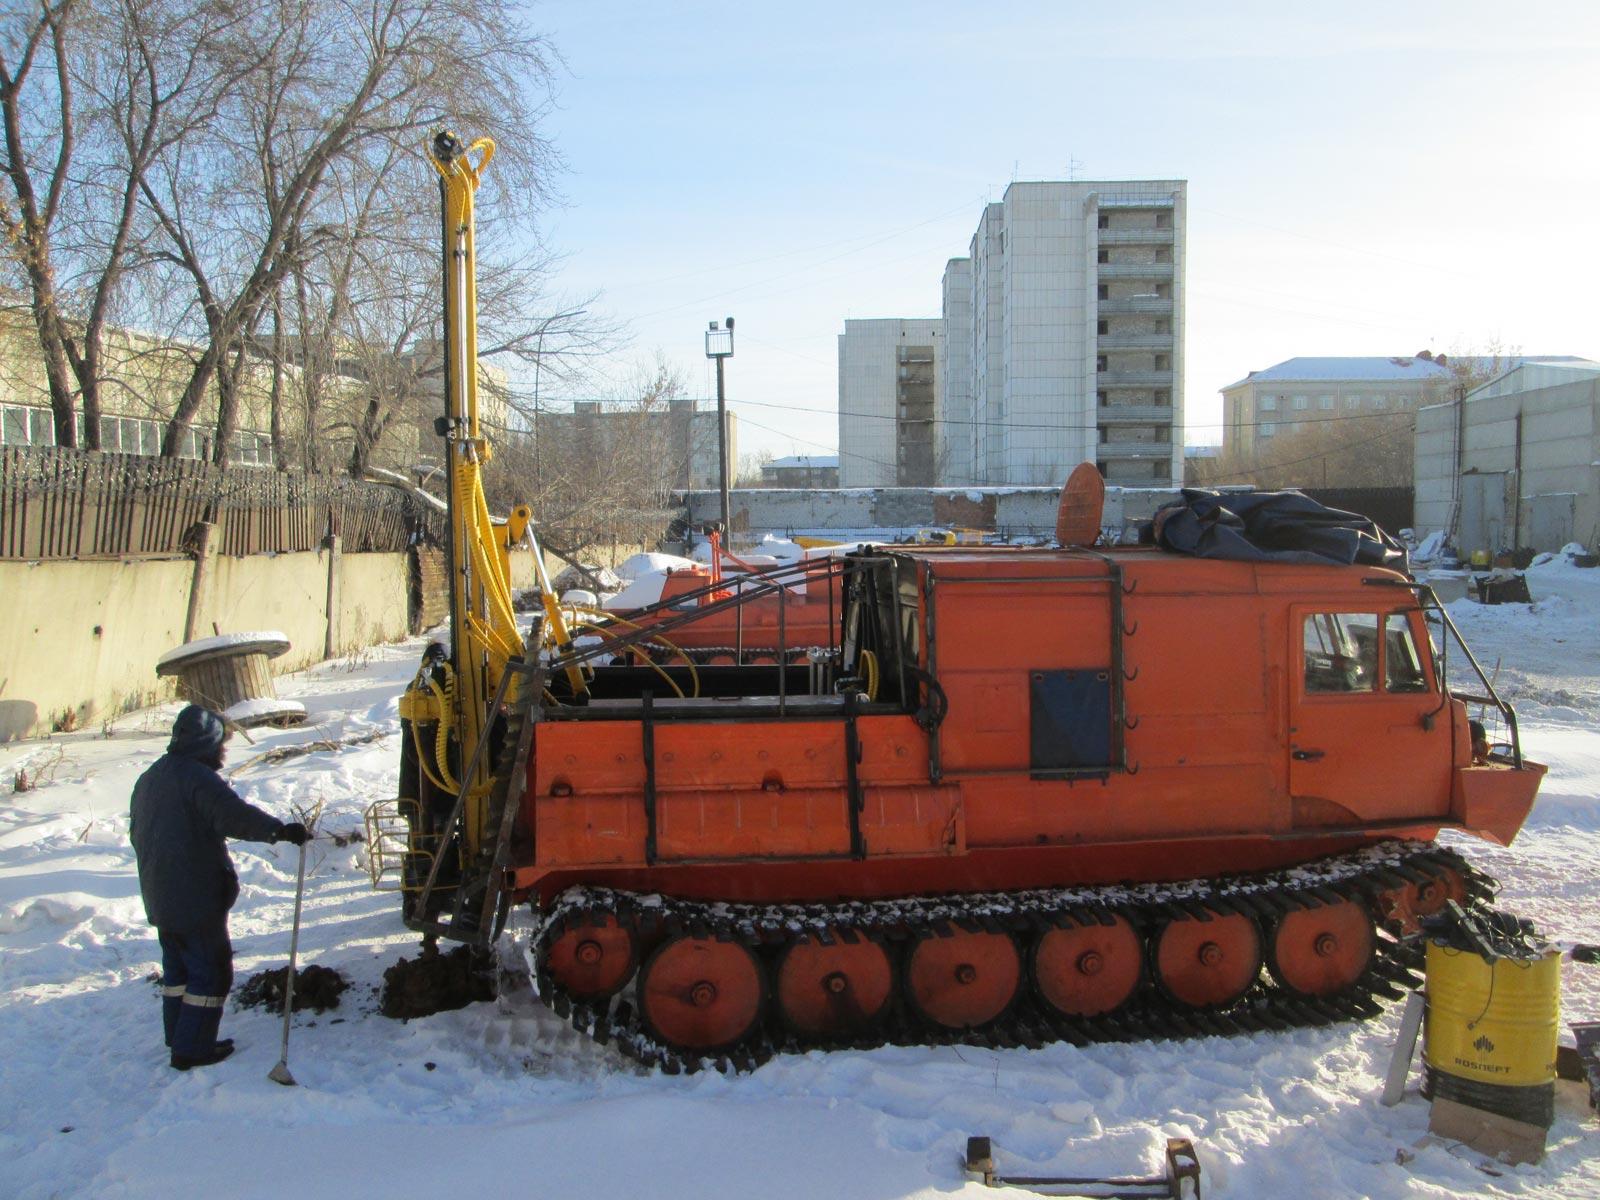 Установка буровая гидромеханизированная УБГМ-1М на базе ТТМ 3902